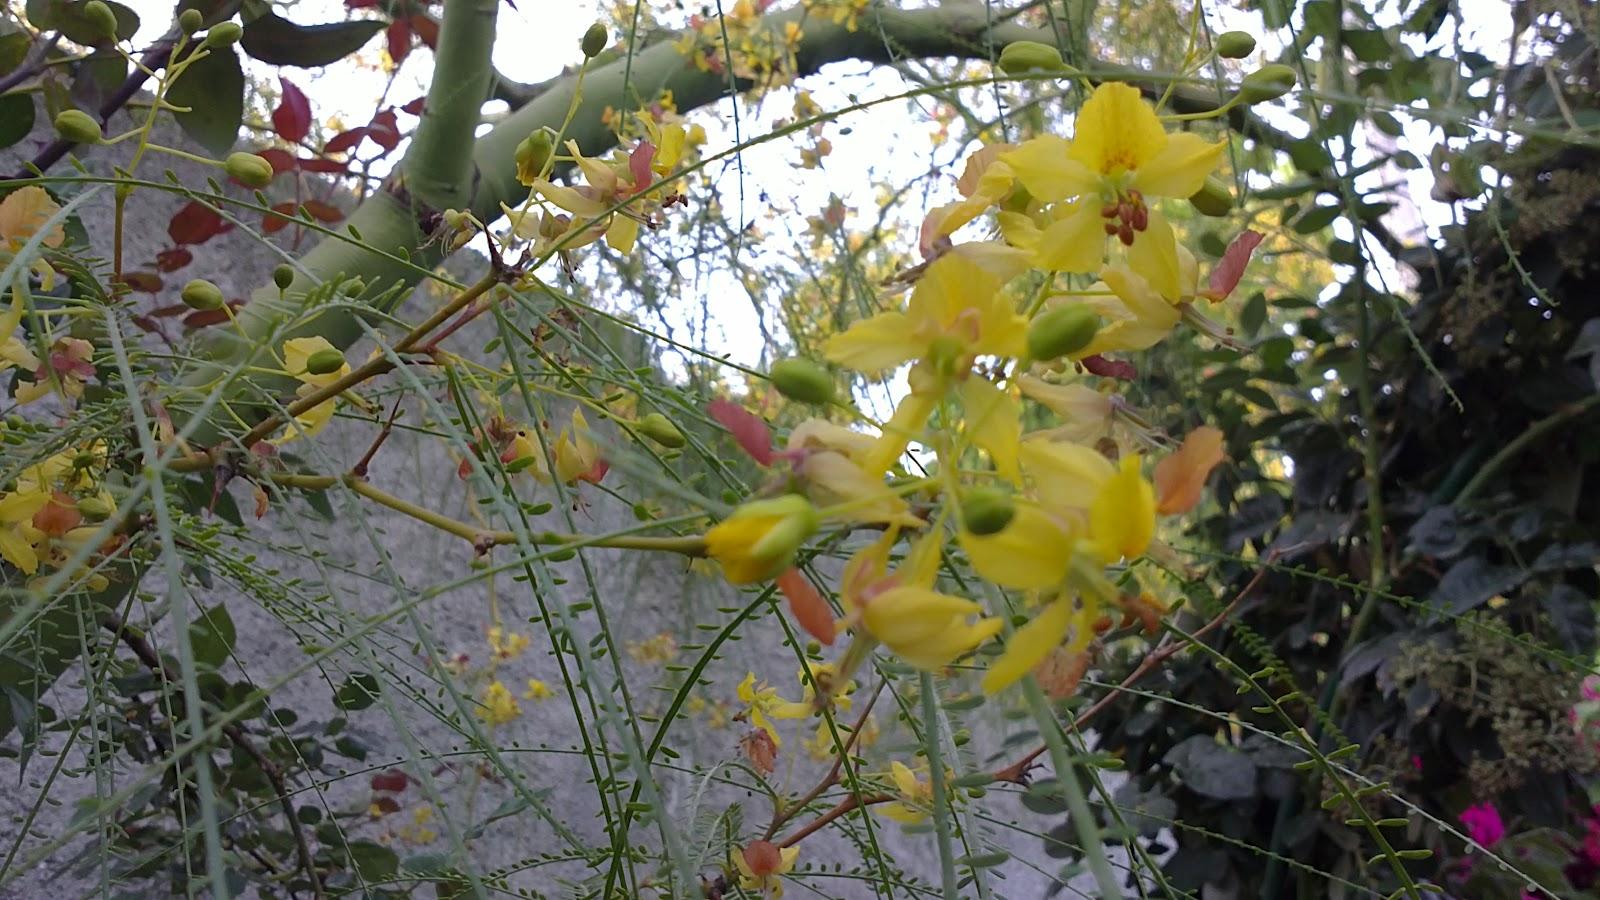 In A Costa Tropical Garden Parkinsonia Aculeata